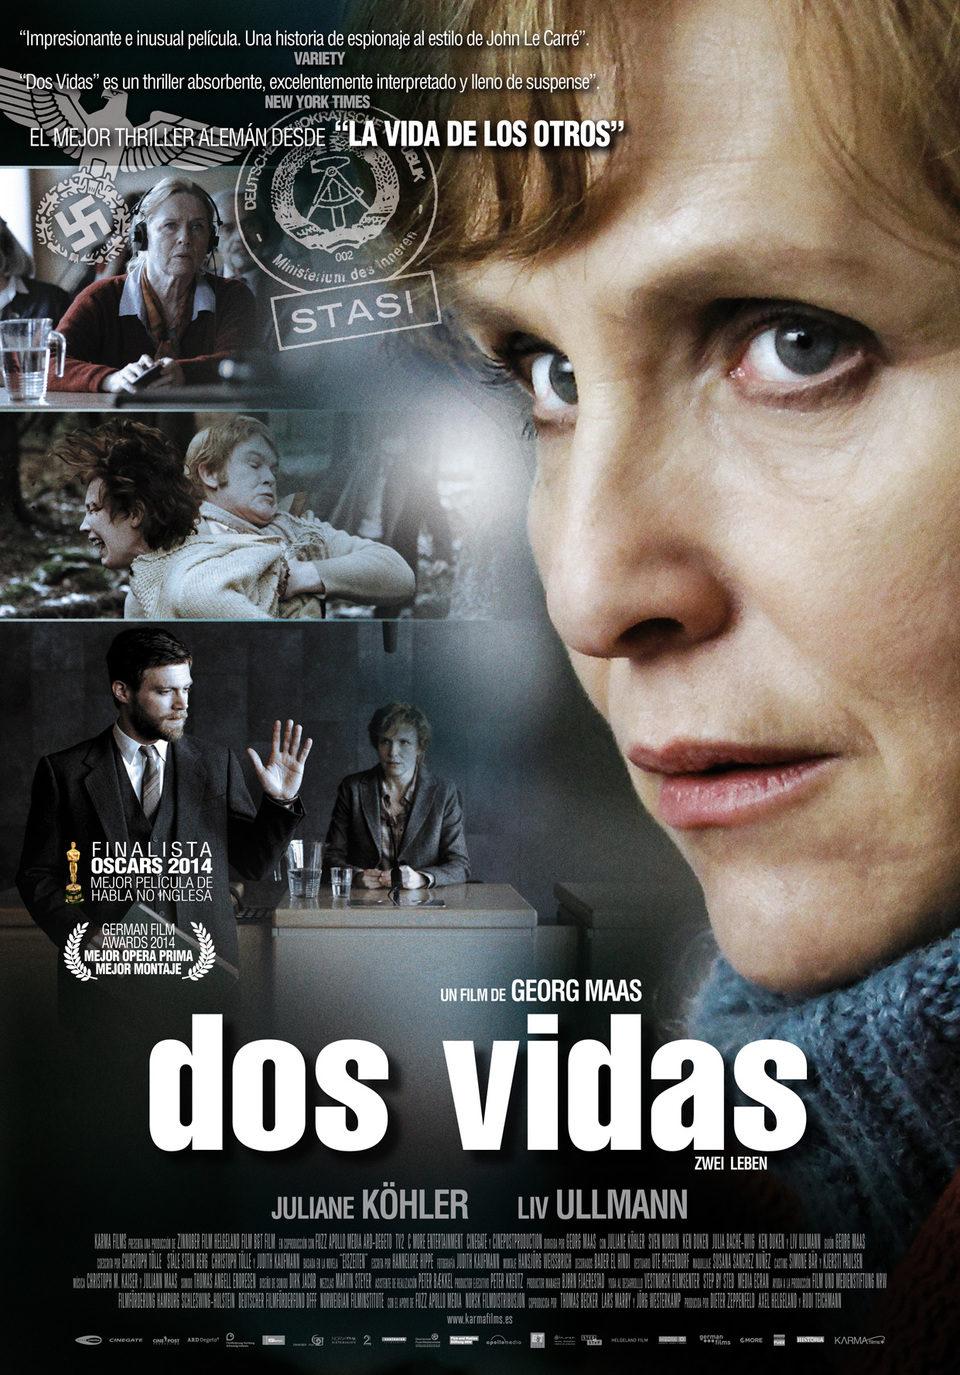 Cartel España de 'Dos vidas'